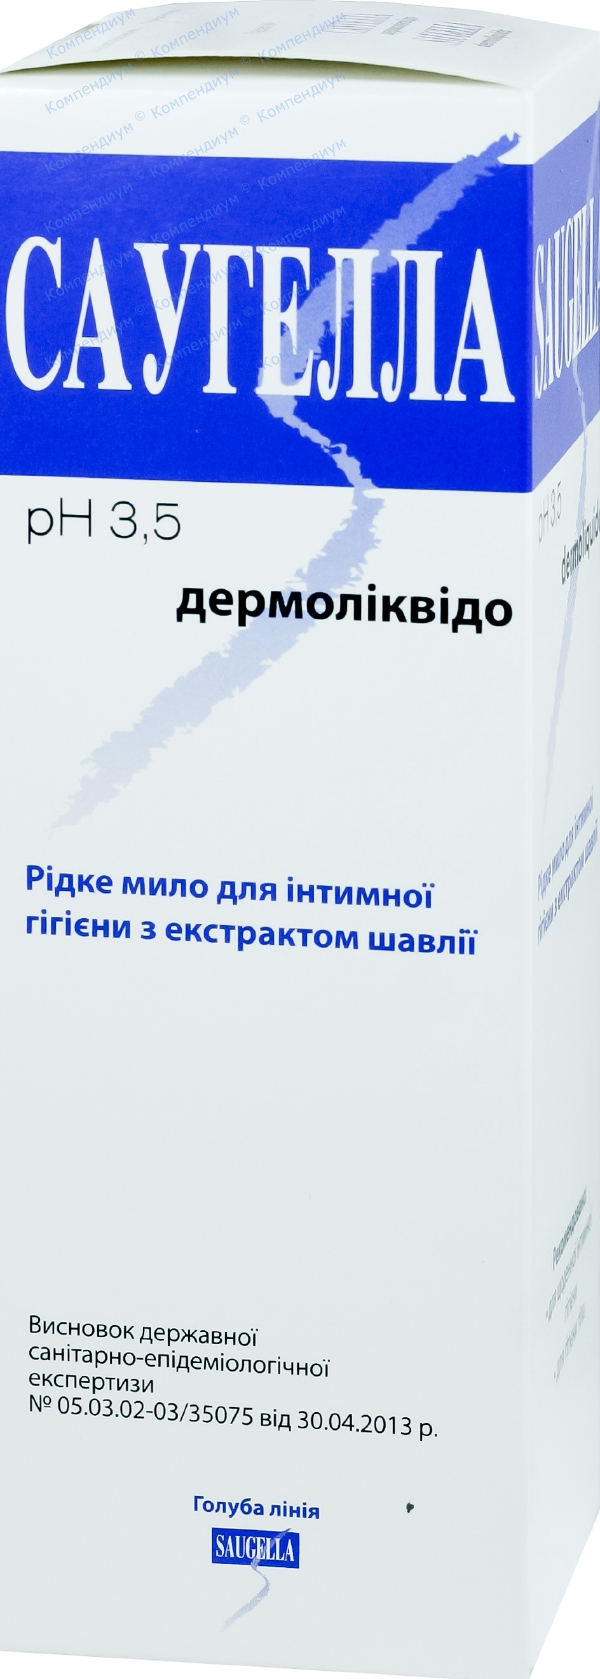 Саугелла дермоликвидо мыло жидкое для интимной гигиены 250 мл